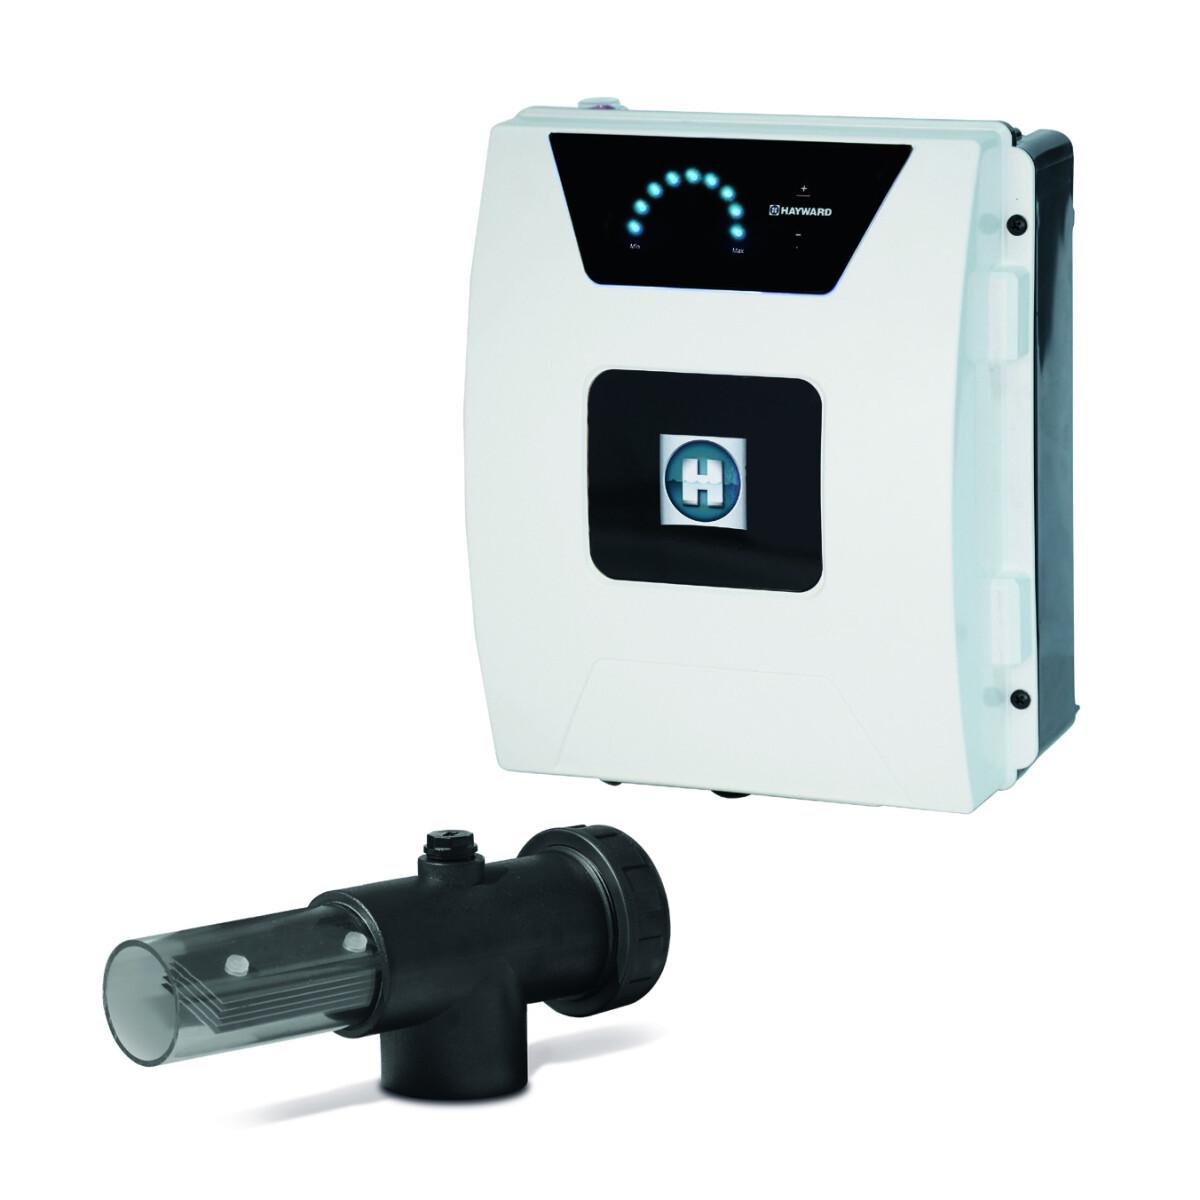 Хлоргенератор Hayward AquaRite Basic Flo (22 гр/час)